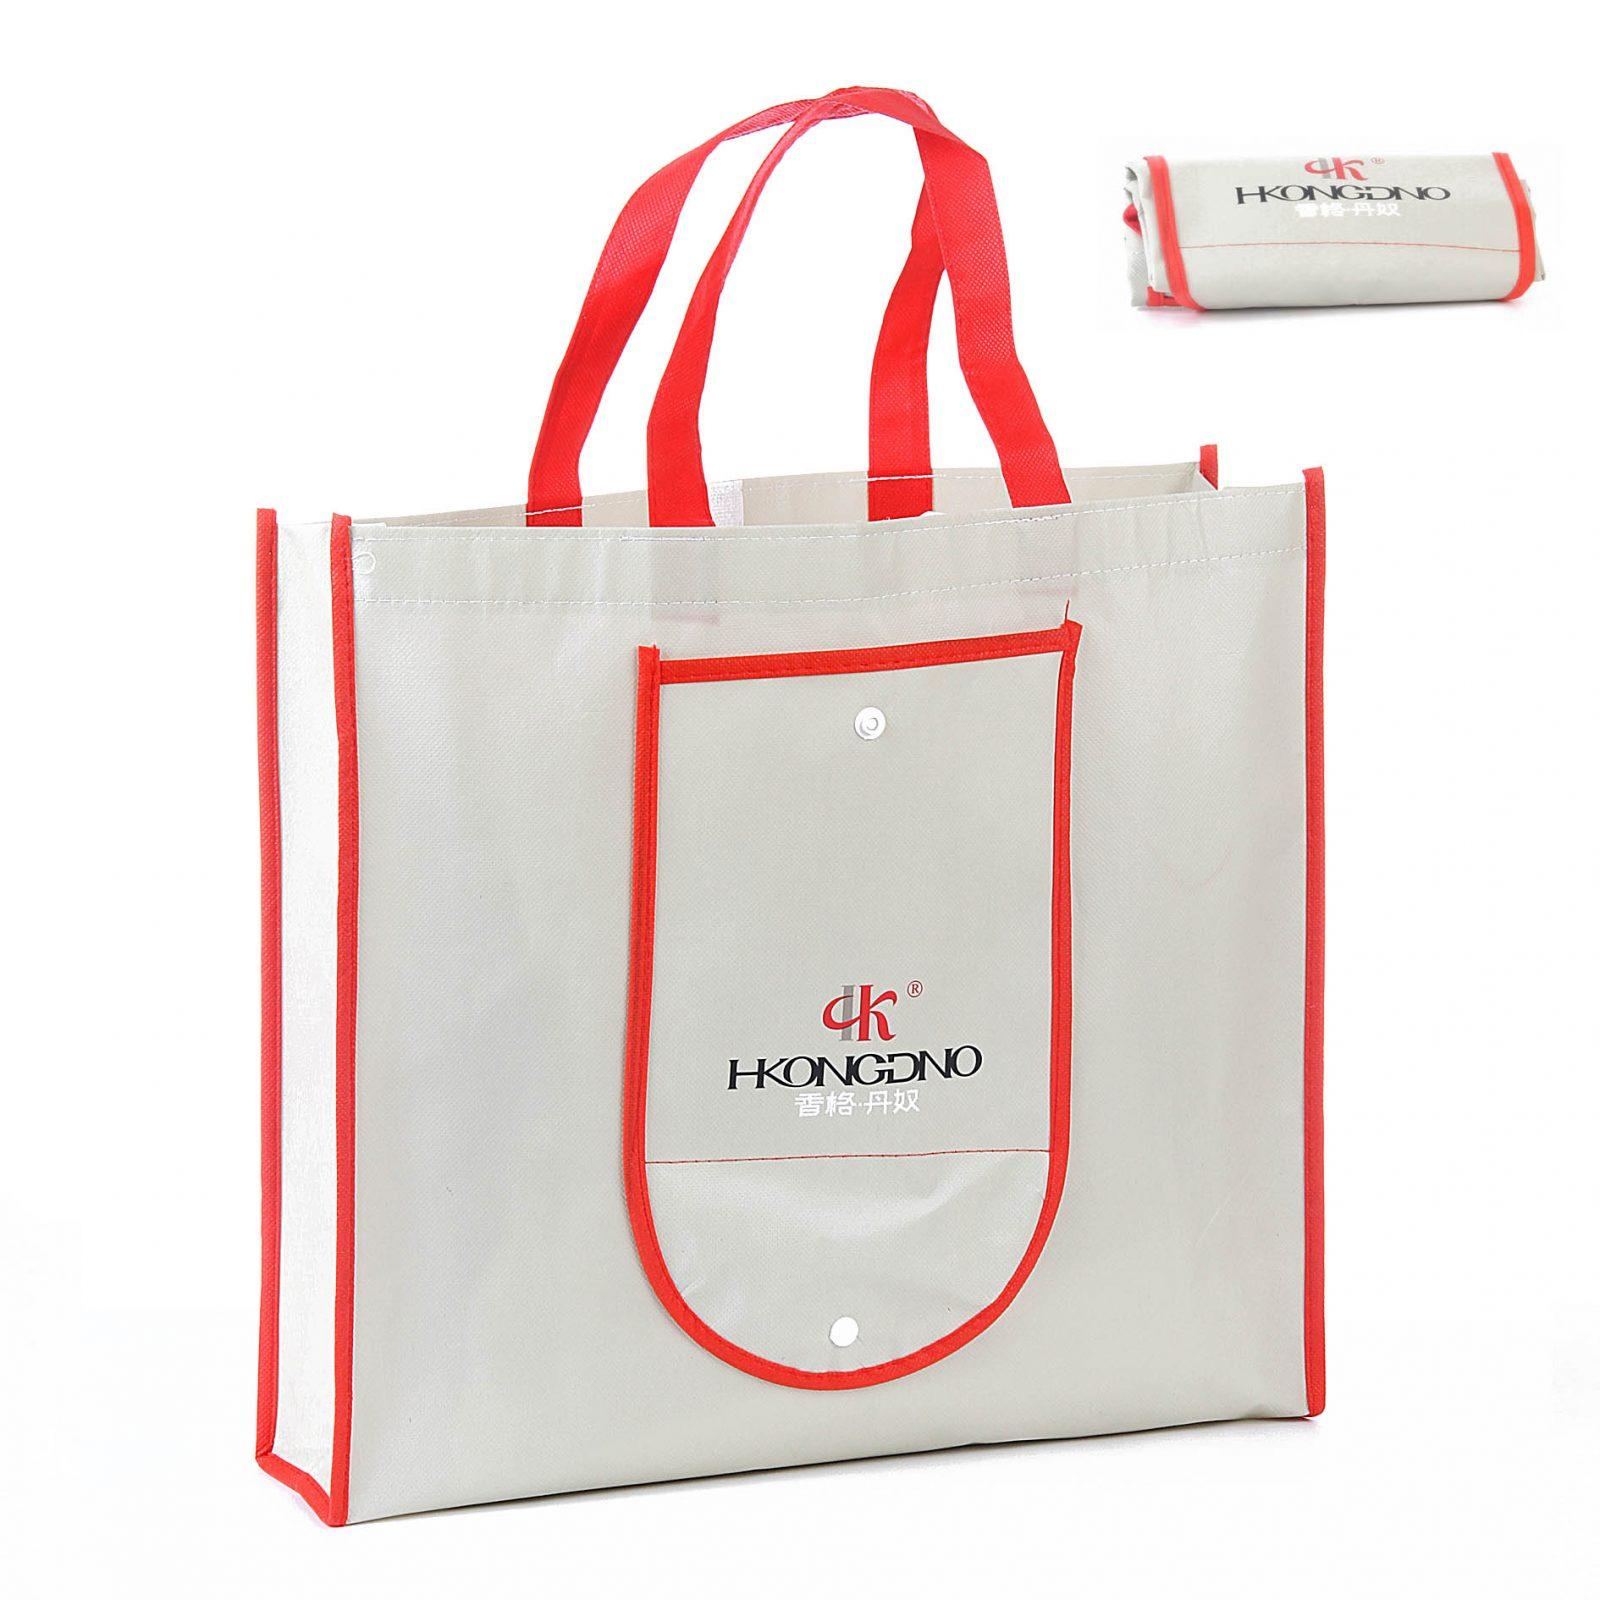 Túi vải không dệt giải pháp marketing hiệu quả nhất hiện nay